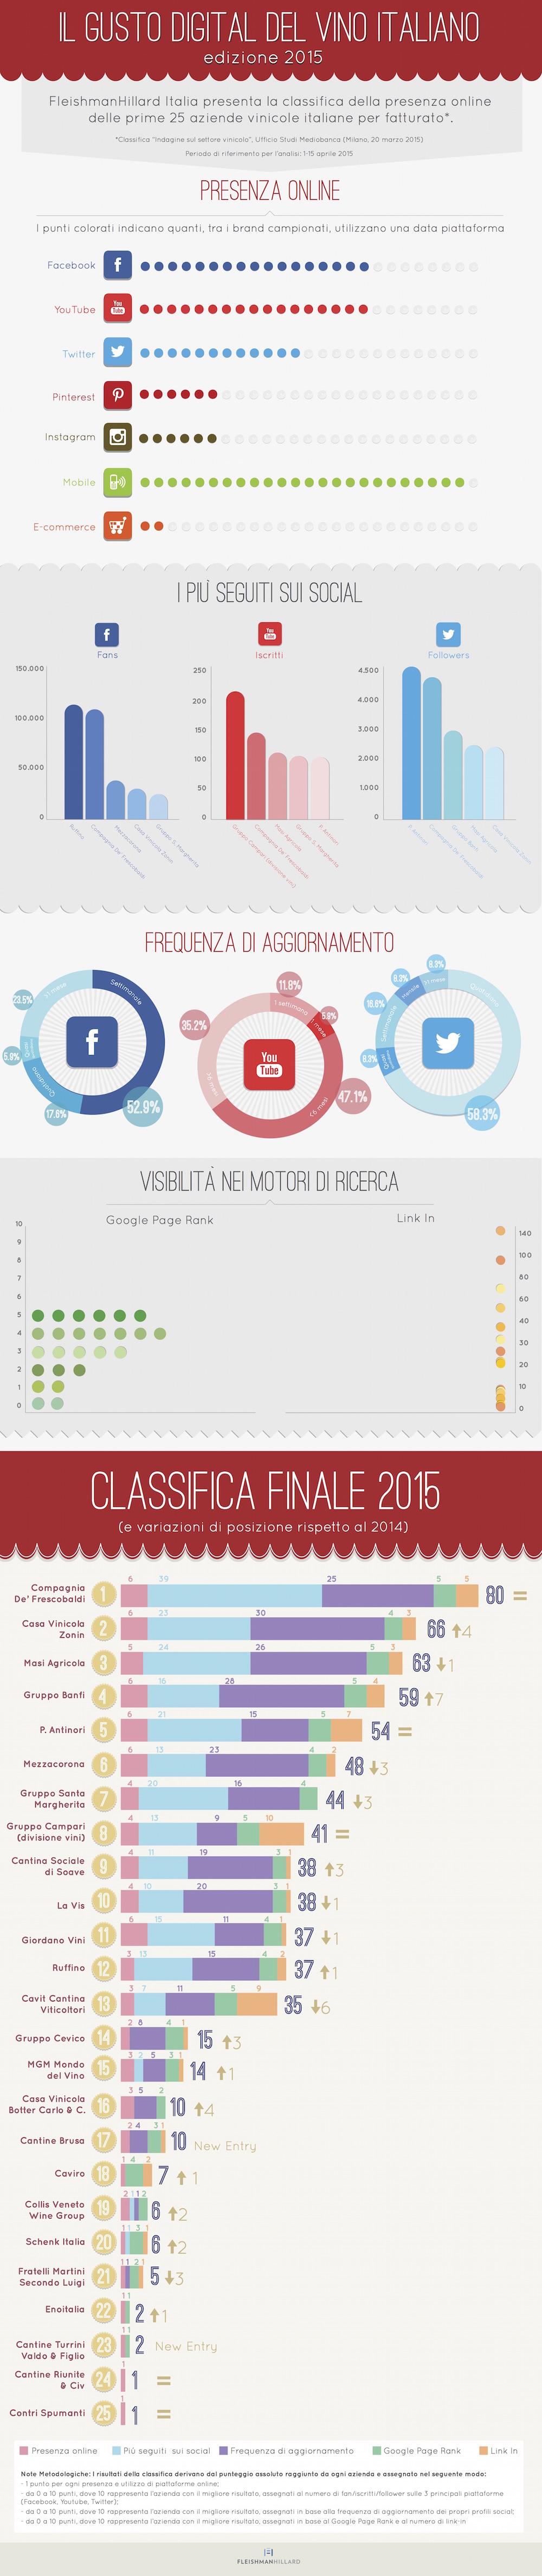 FleishmanHillard_Il-gusto-digitale-del-vino-italiano_ricerca-2015 3